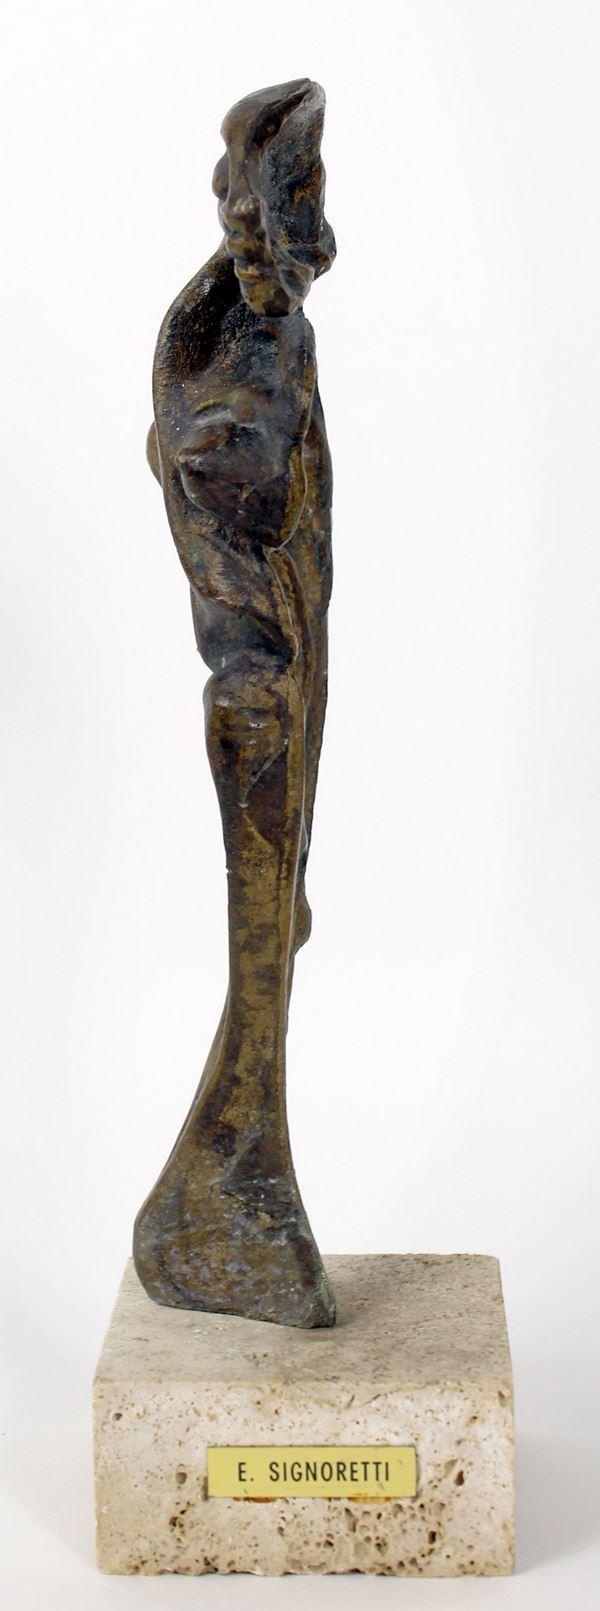 E. Signoretti - Scultura in bronzo raffigurante figura femminile, altezza cm. 25, su base in marmo